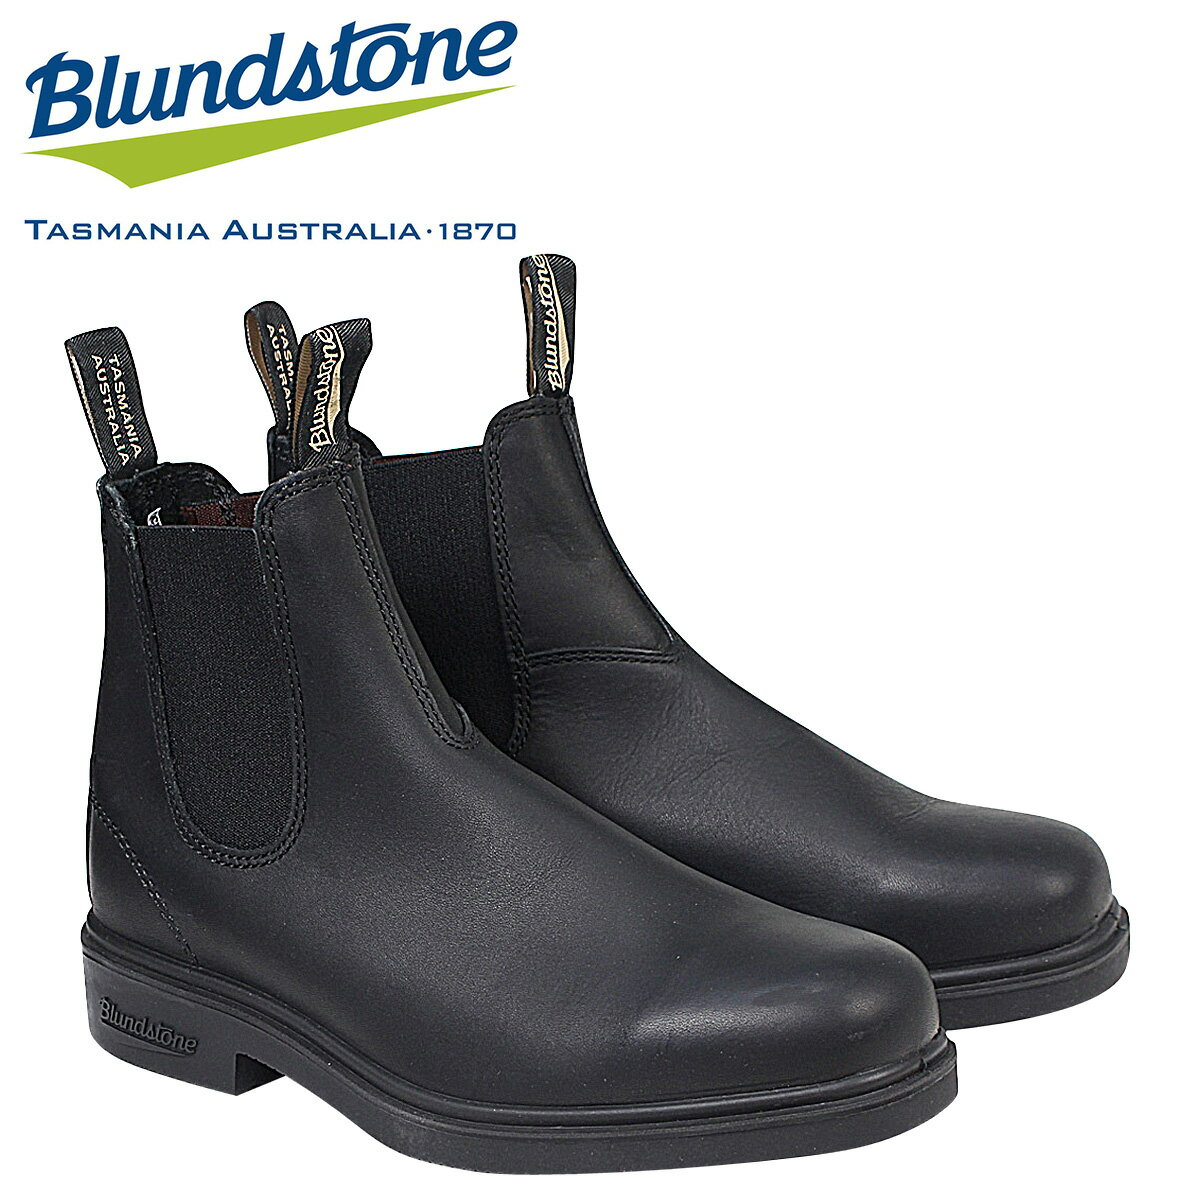 ブランドストーン Blundstone サイドゴア メンズ ブーツ DRESS CHELSEA BOOTS 063 ブラック [3/22 追加入荷]